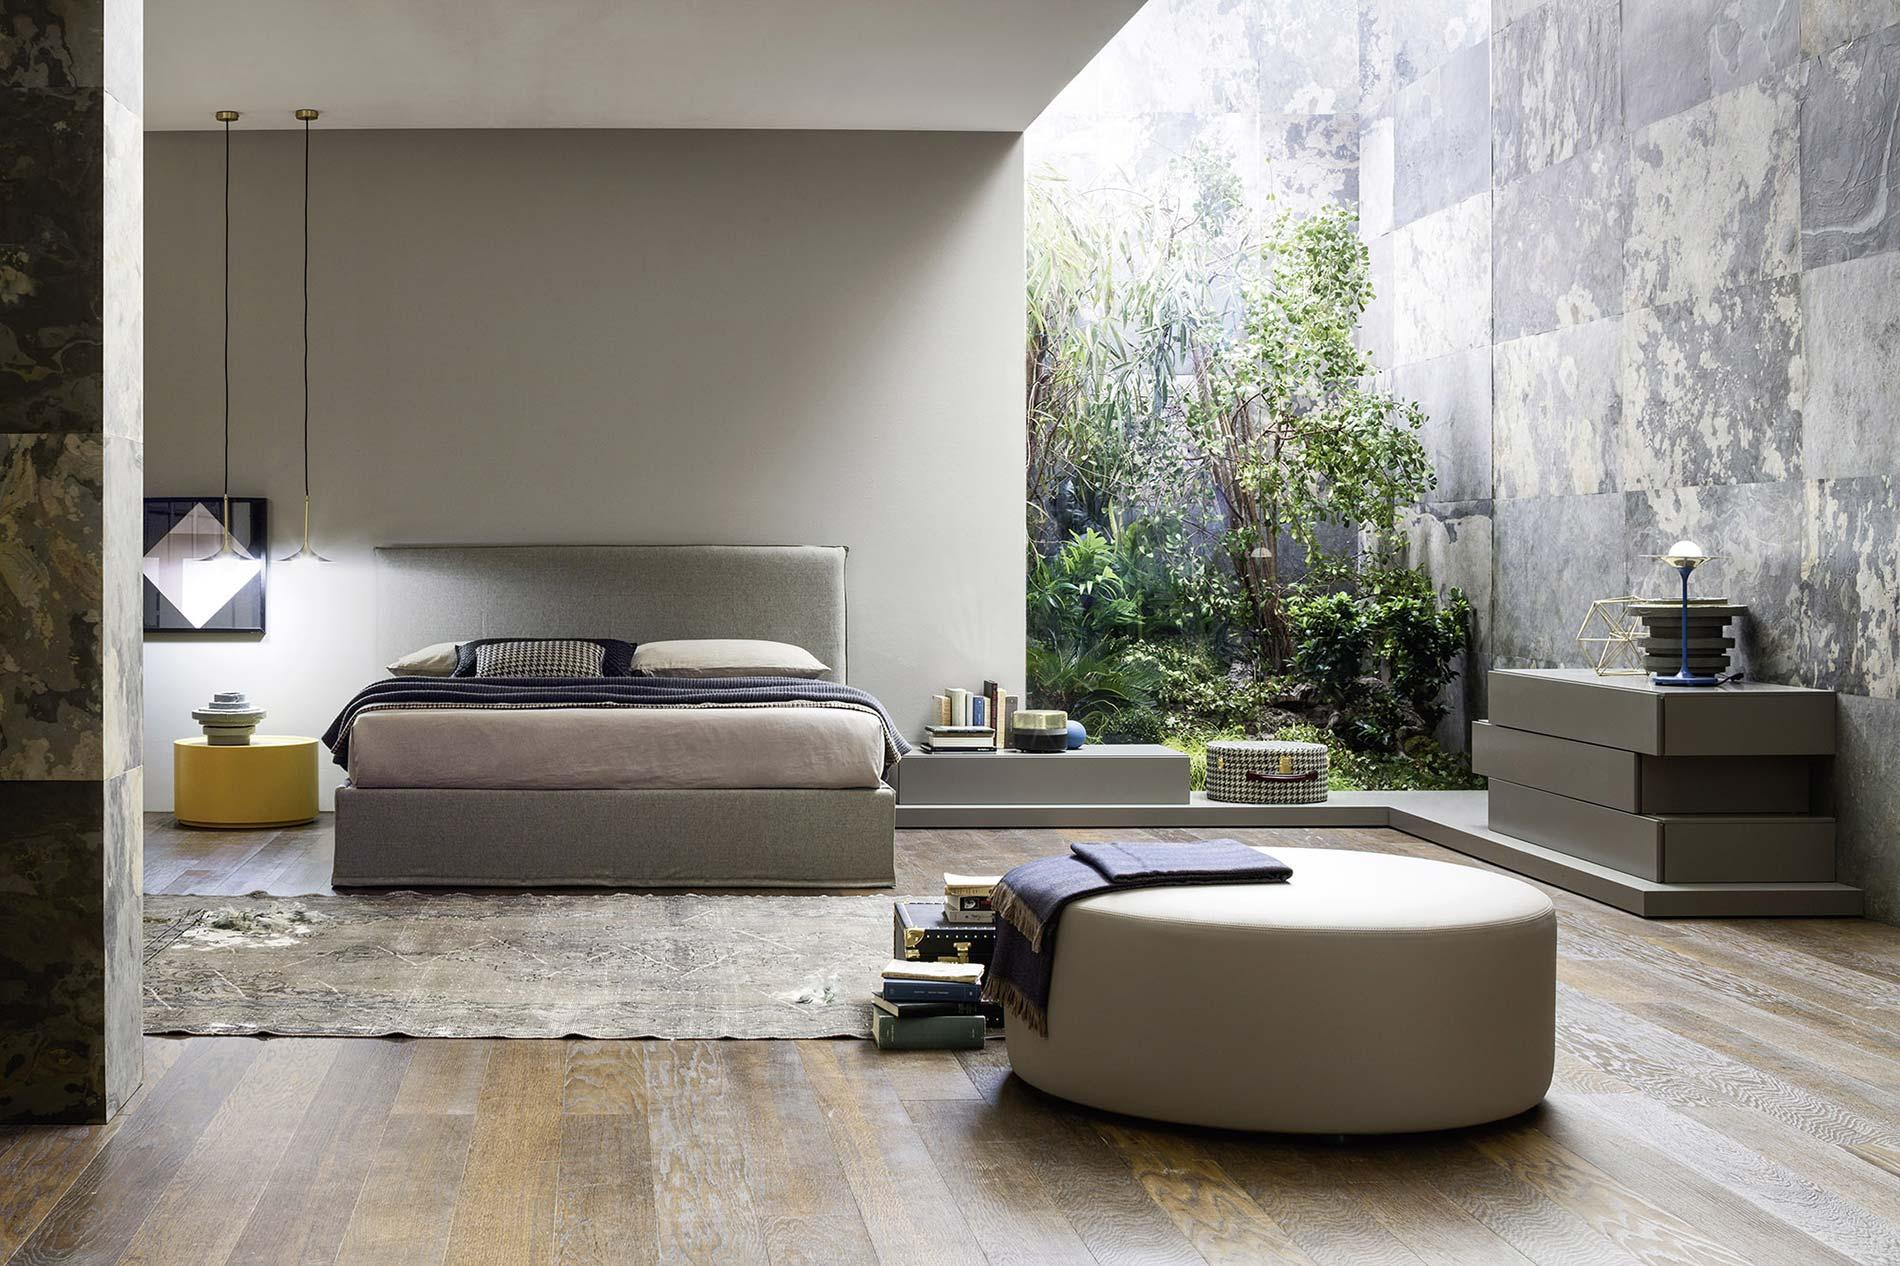 schlafzimmer mit mini jungle, Schlafzimmer entwurf